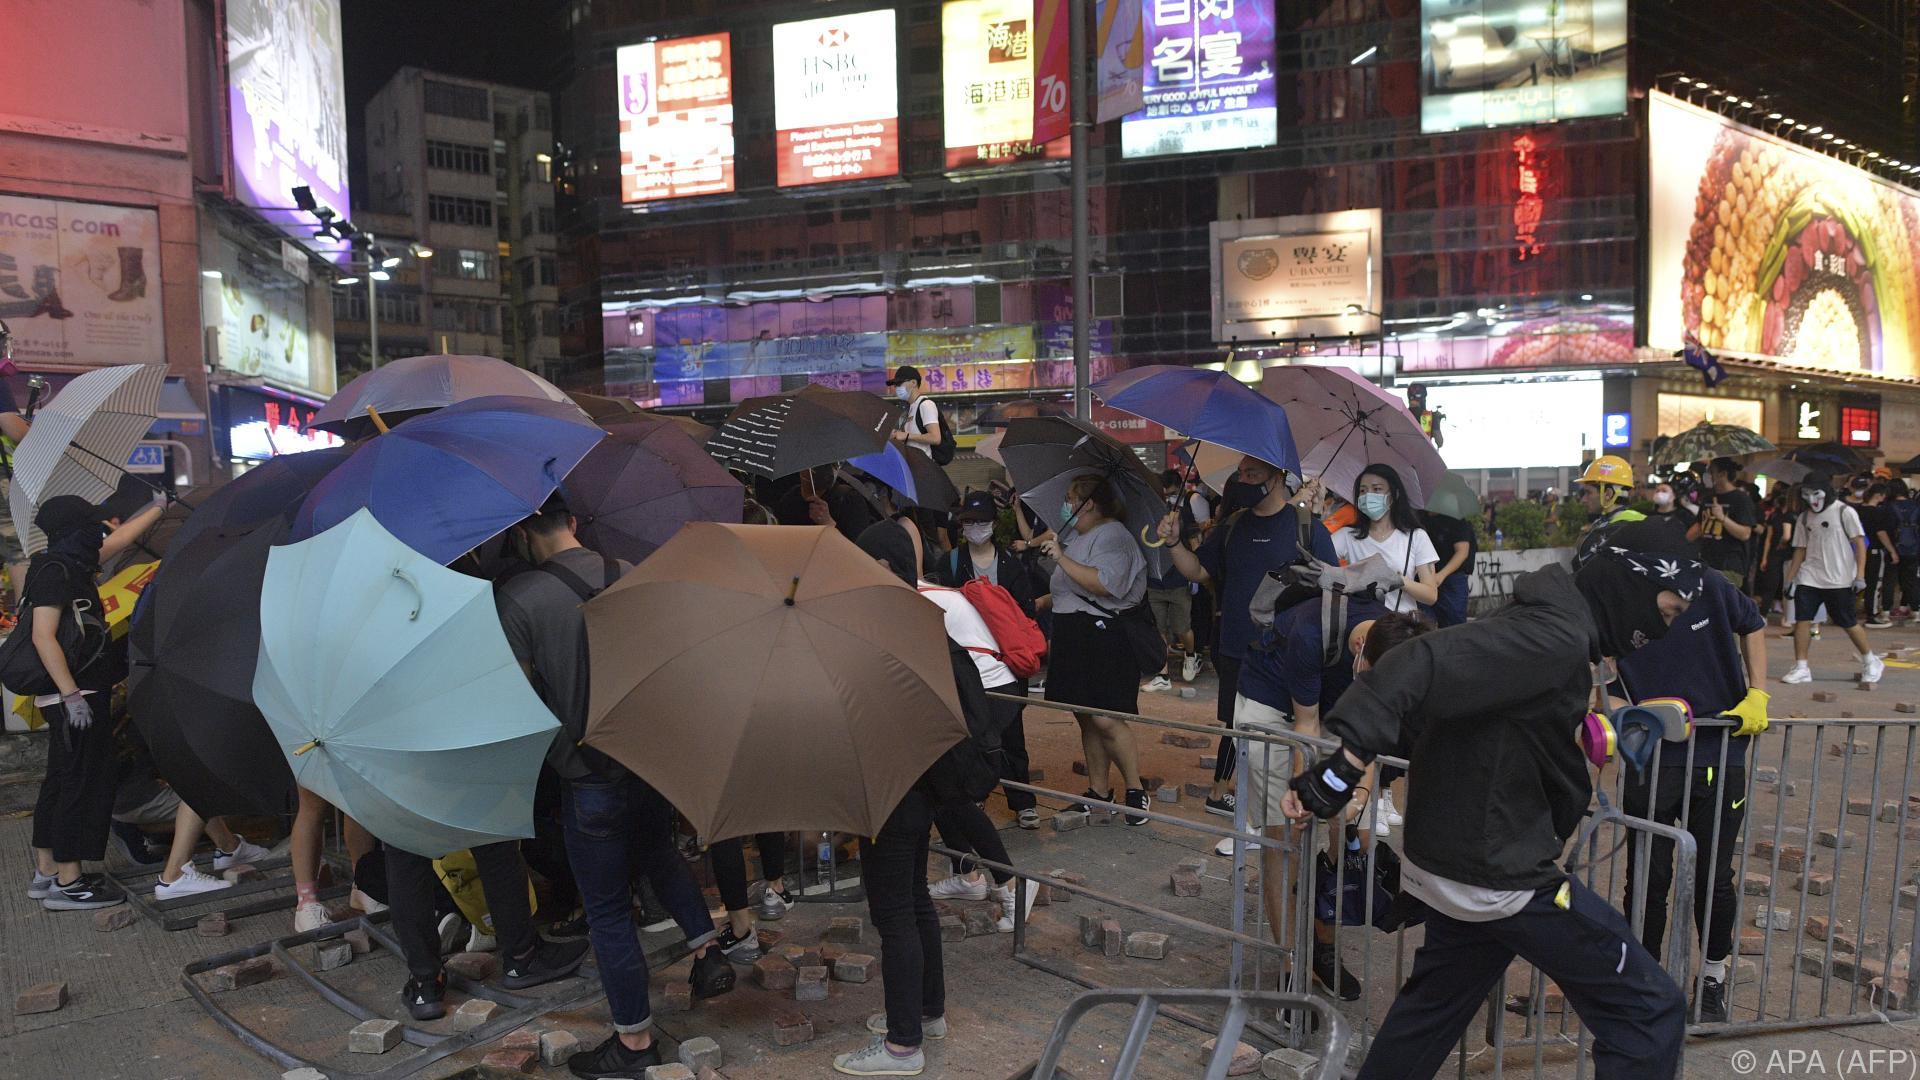 Bevölkerung Hongkongs für Friedensnobelpreis vorgeschlagen